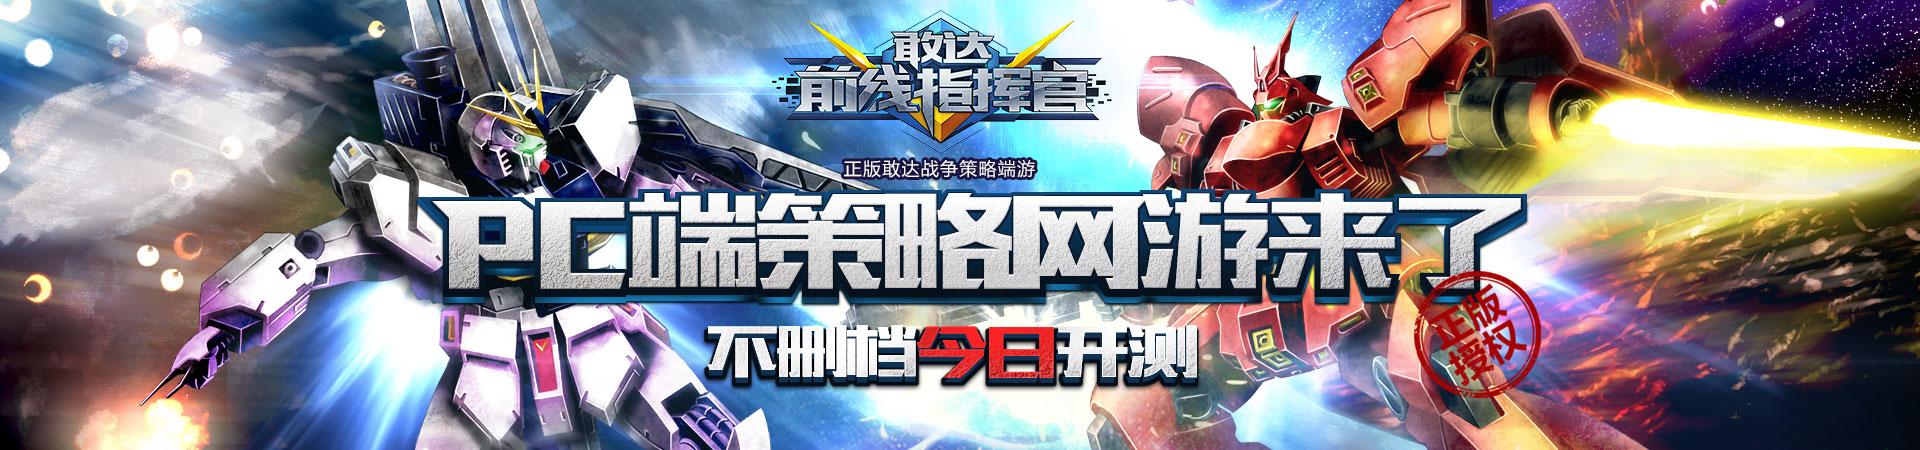 敢达前线指挥官,游乐会,7.7不删档测试